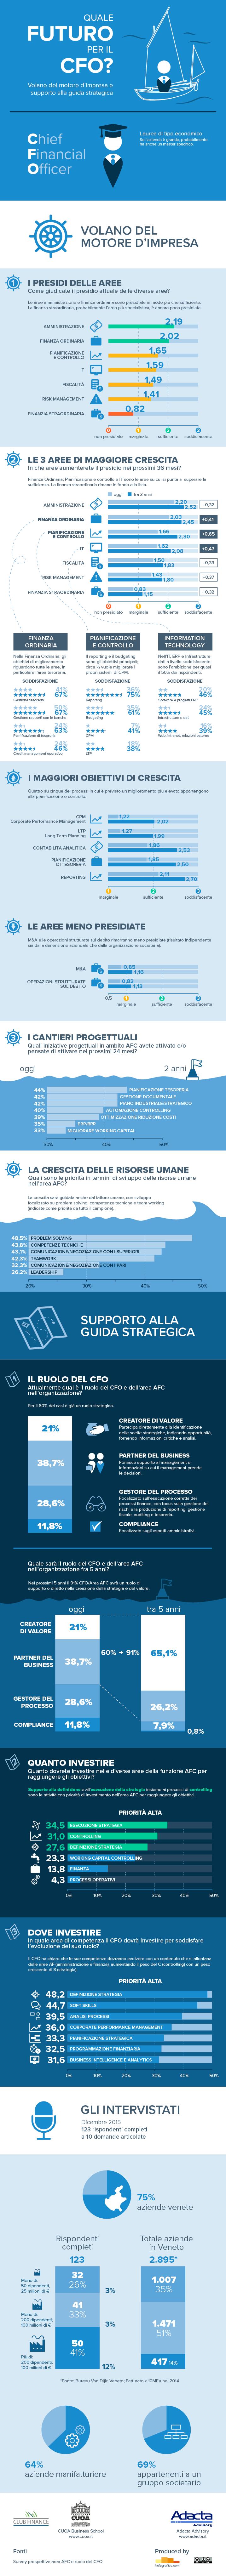 Quale futuro per il CFO?